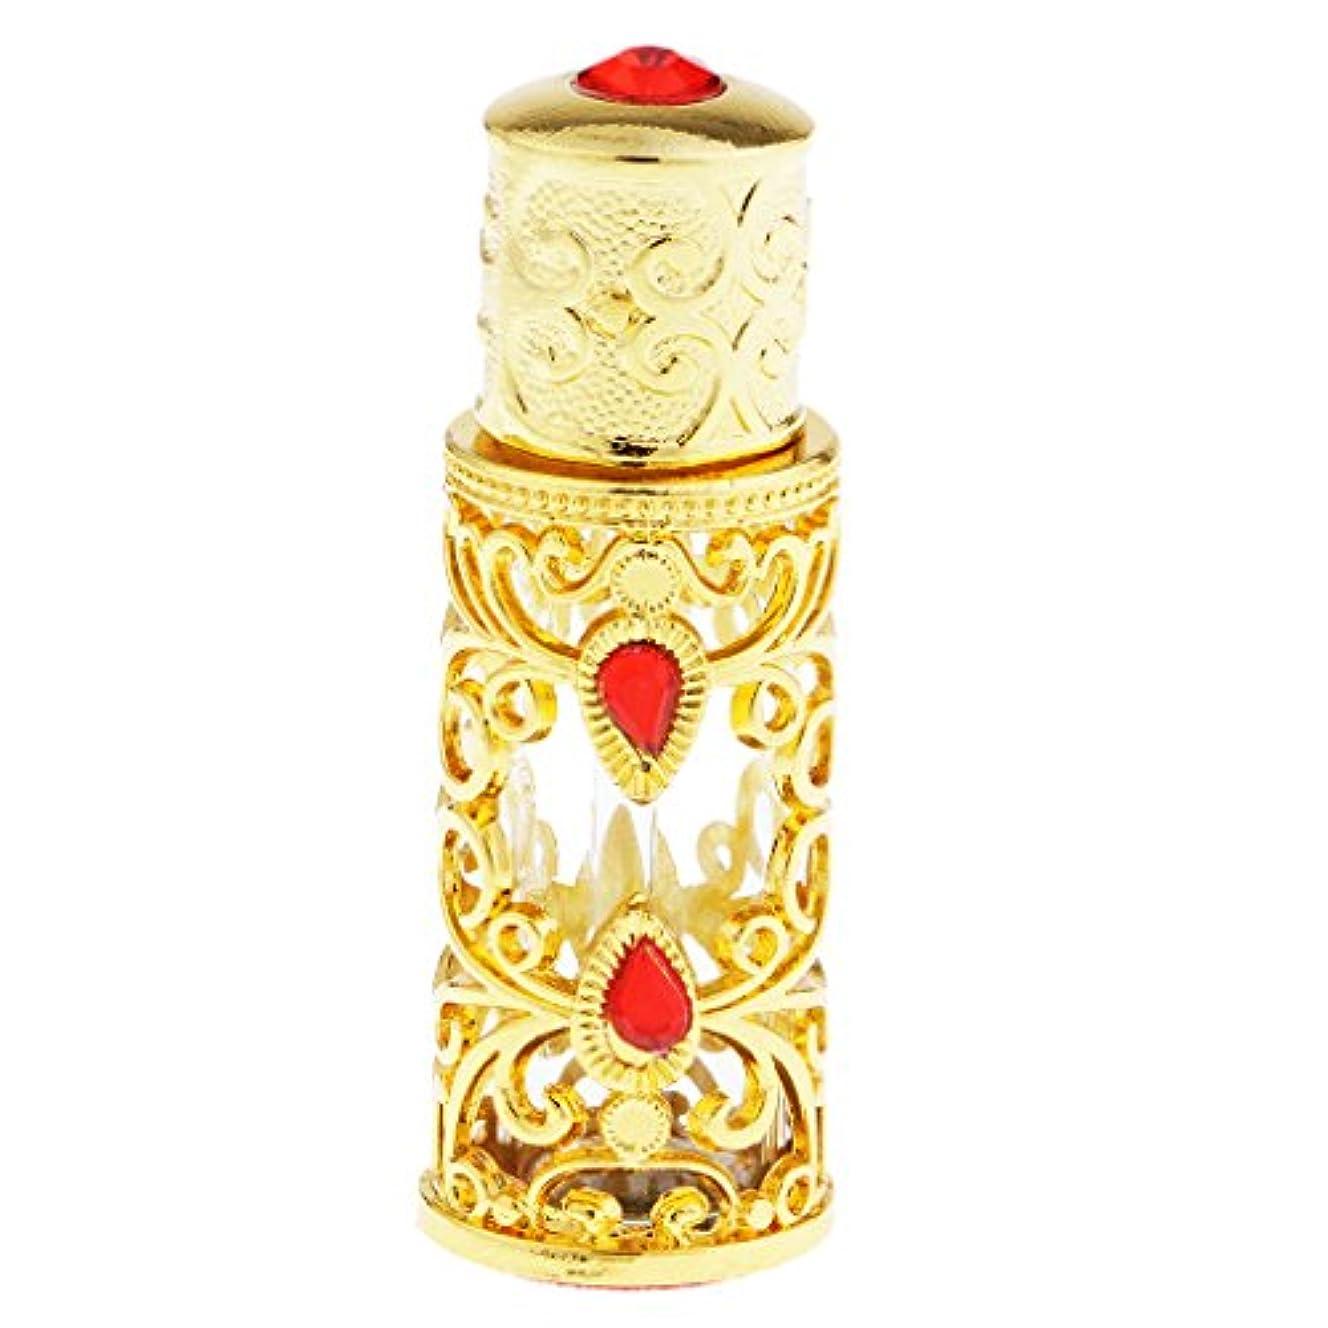 黒くする着替える魔法3ml 中東スタイル 香水ボトル ゴールド エッセンシャルオイルボトル 精油ボトル アロマ保存容器 保管に便利